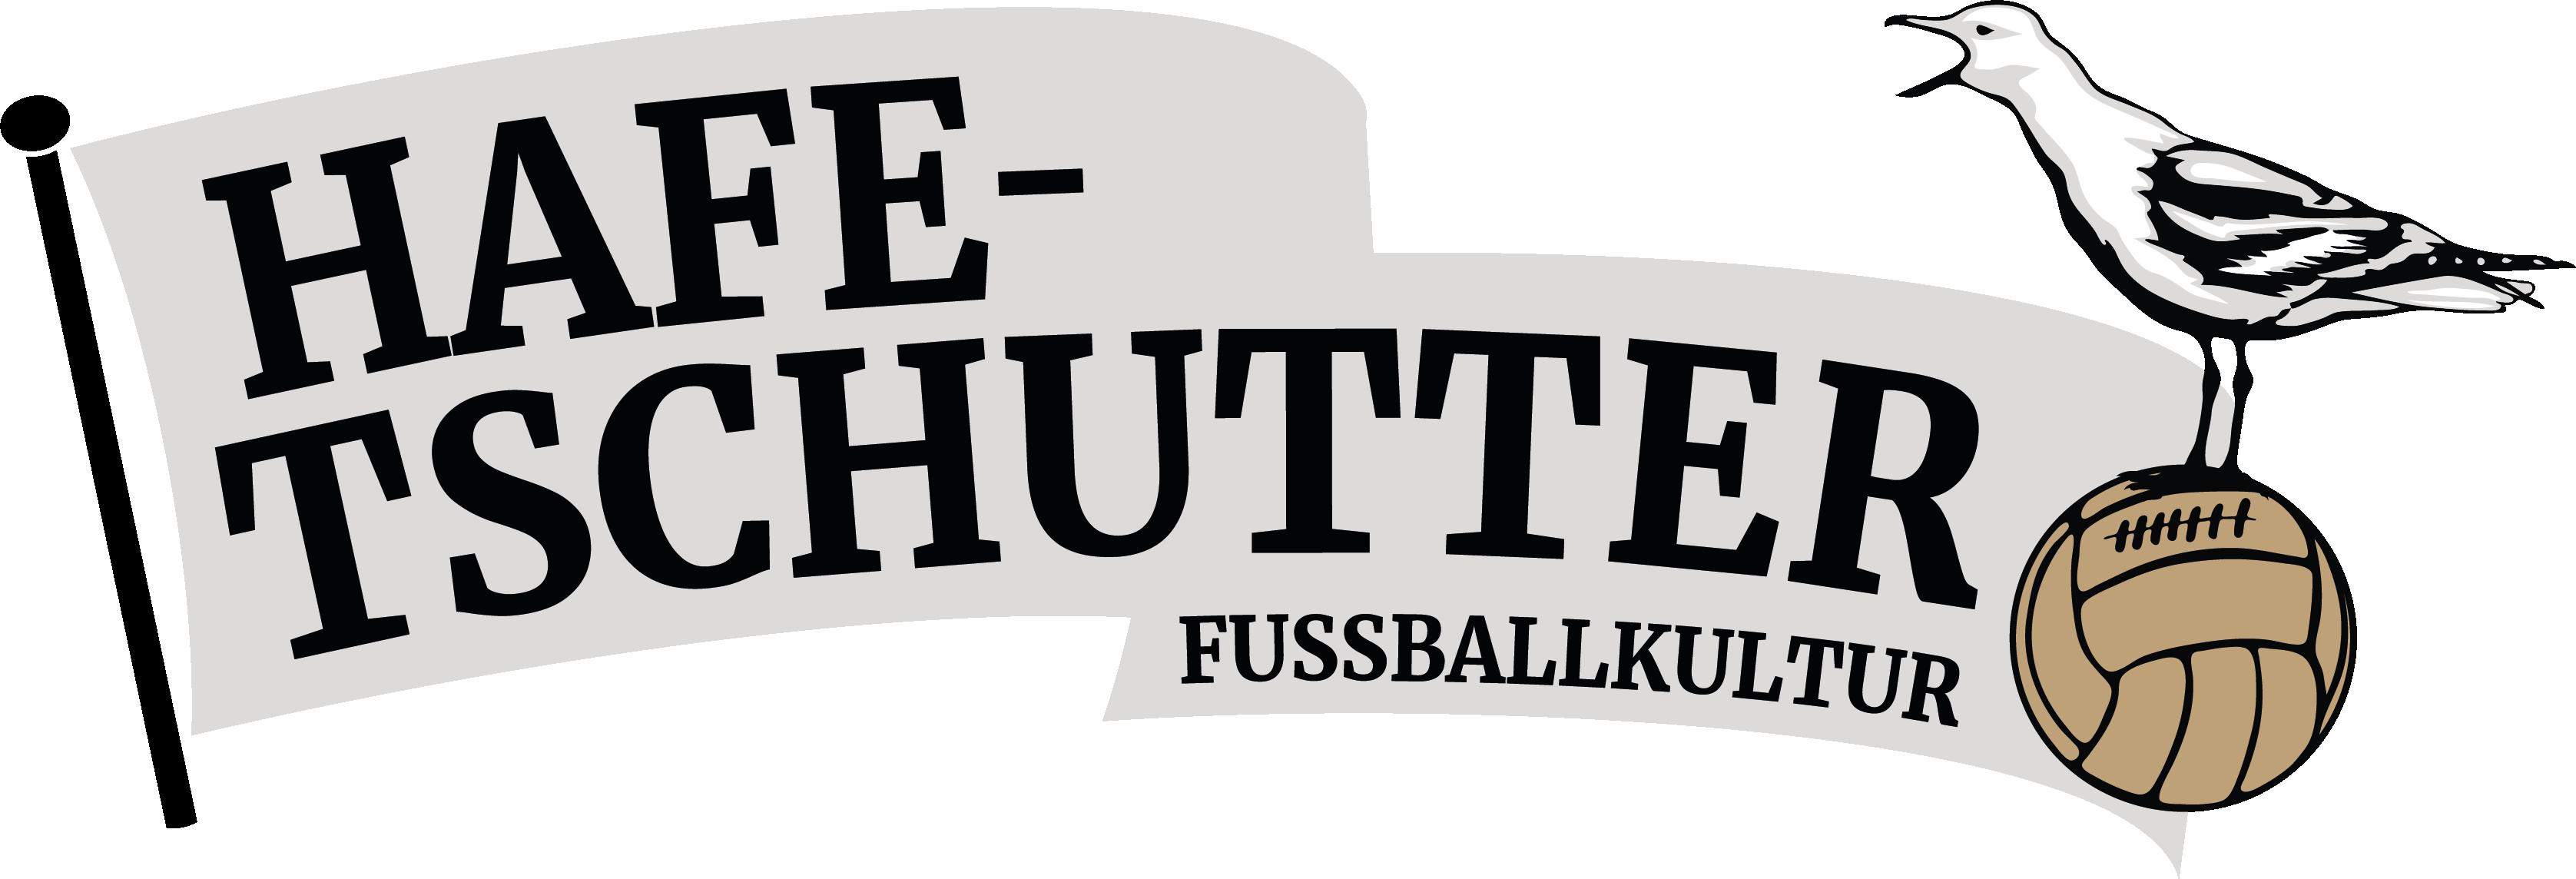 HAFETSCHUTTER_Flagge_klein.png